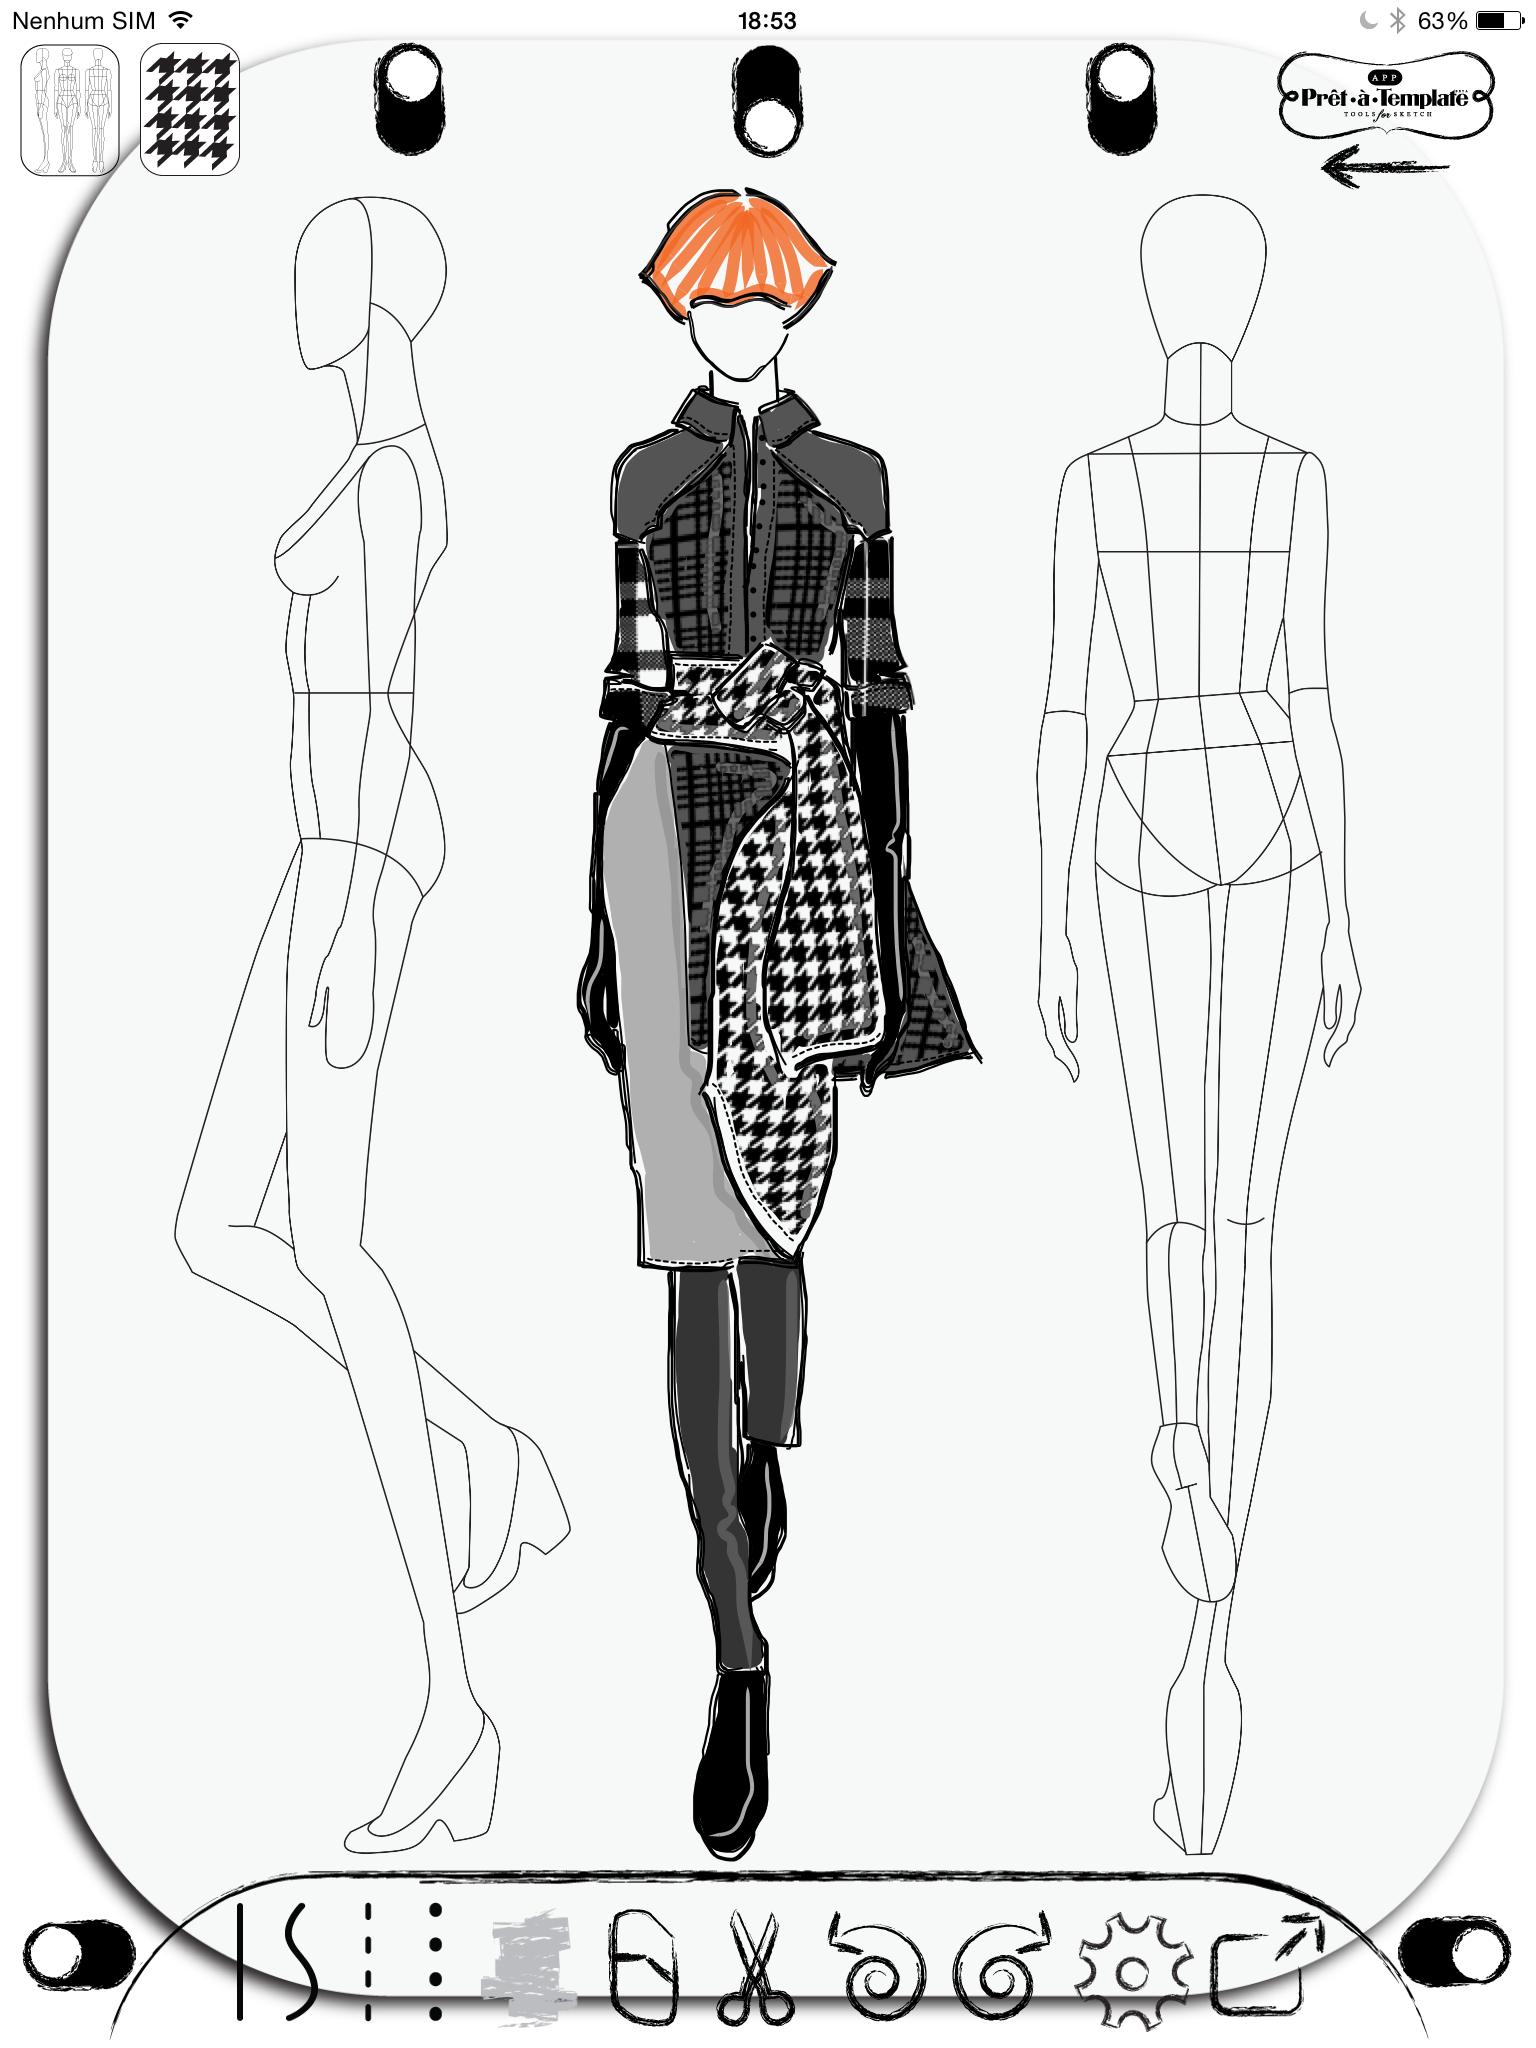 Fashion Sketch App Pret A Template Www Pretatemplate Com Illustration Fashion Design Fashion Illustrations Techniques Fashion Figures